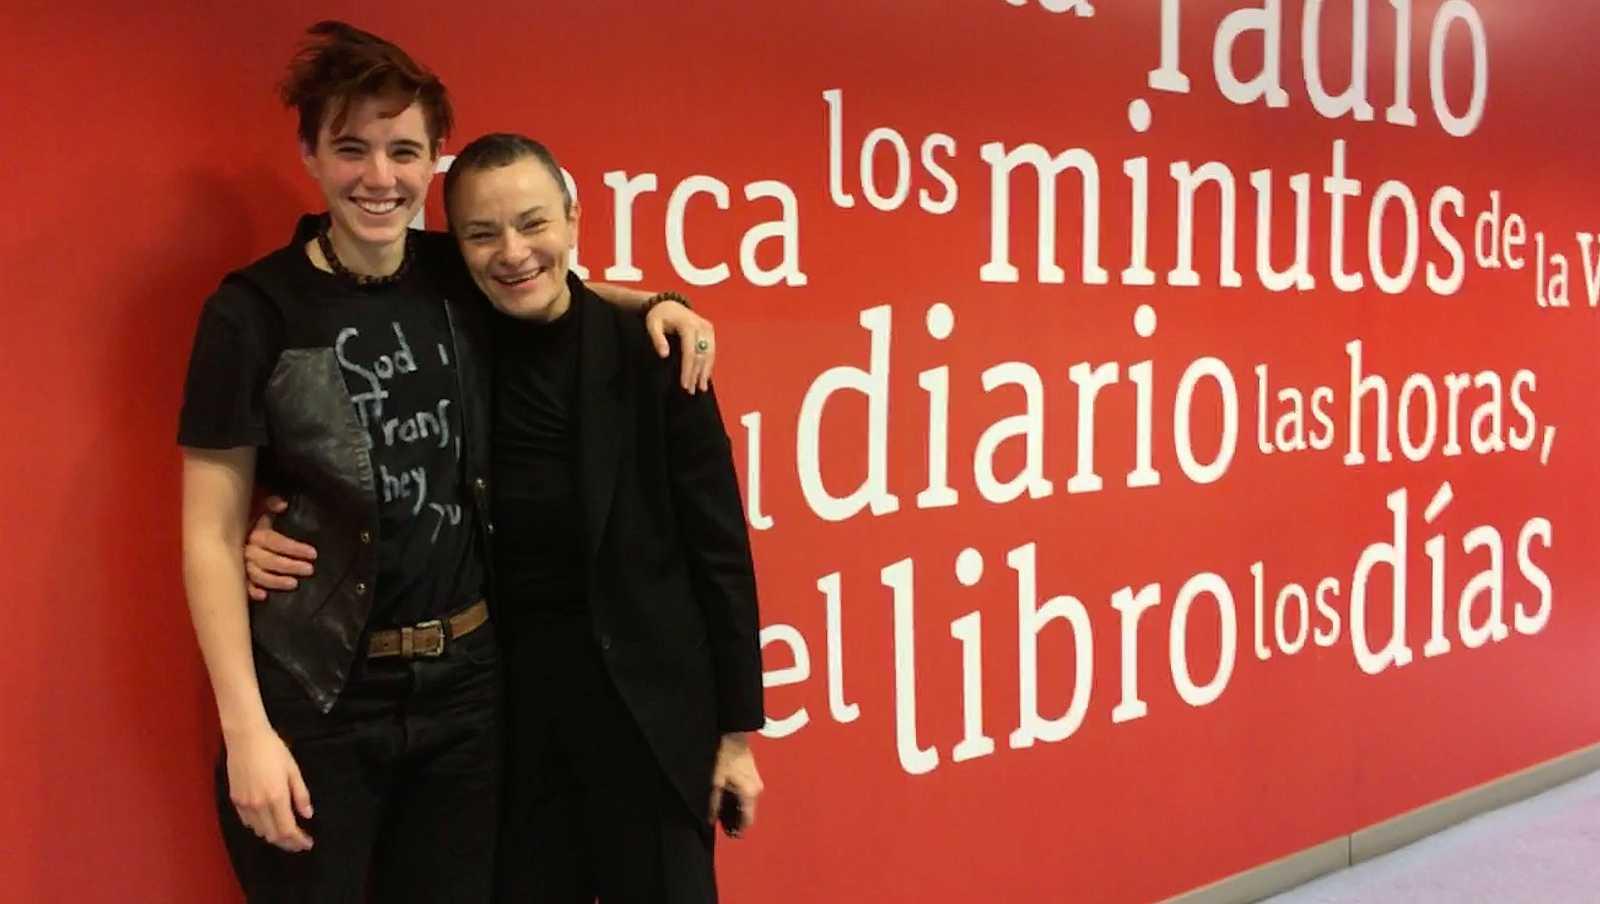 Complementarios - Cómo superar los traumas y la defensa de la diversidad sexual de Alex Silleras - 7/04/19 - Escuchar ahora